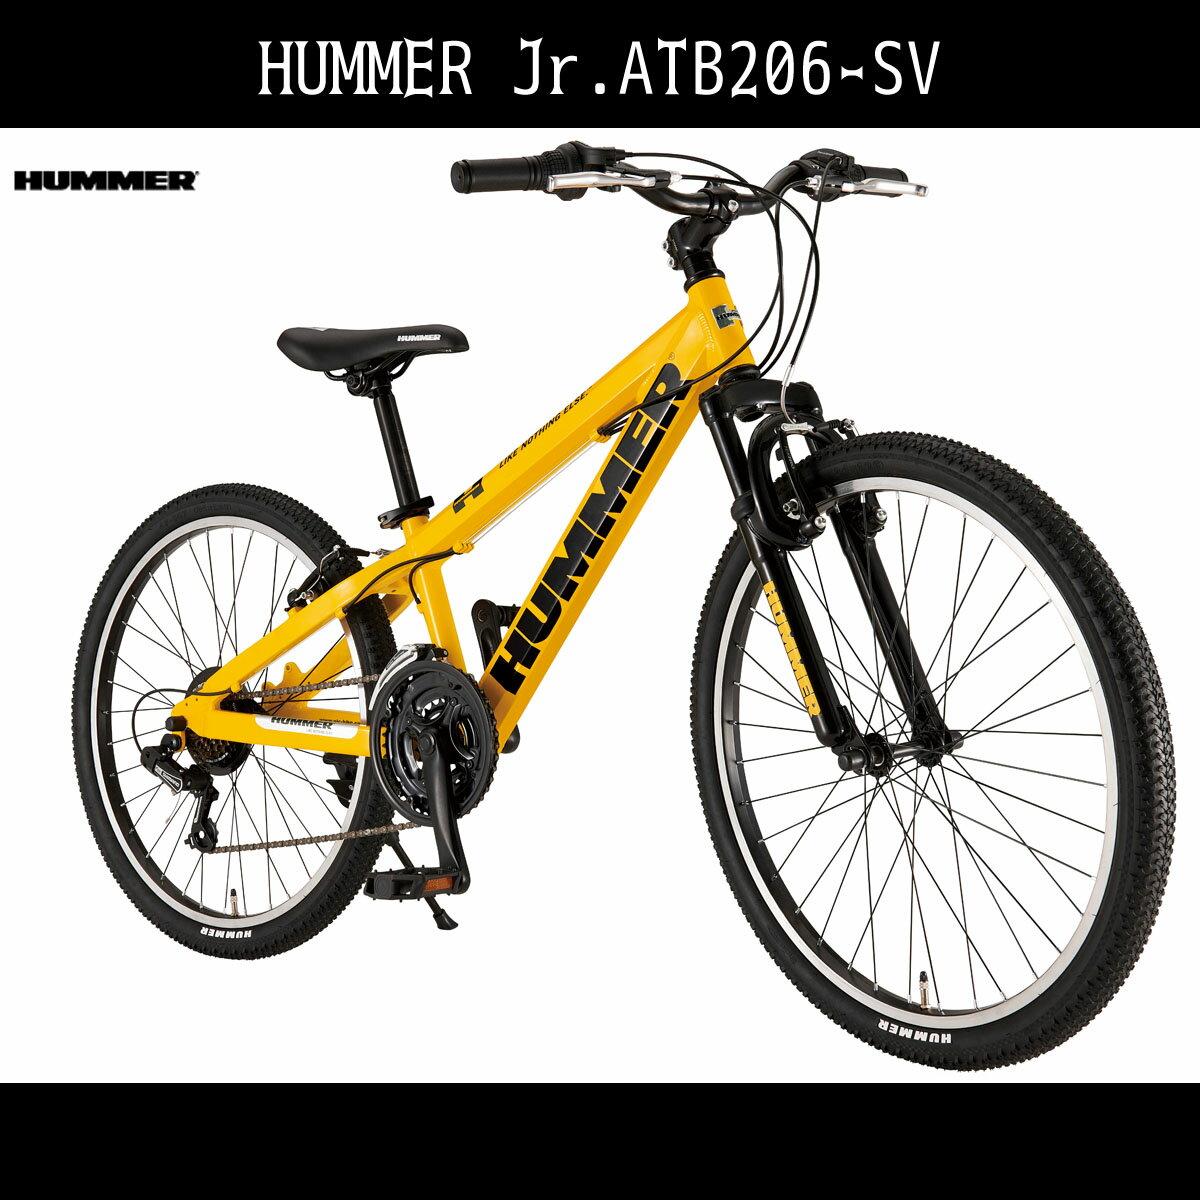 <関東限定特別価格>アルミニウム Jr.ATB206-SV 自転車 ハマー アルミ 外装6段変速ギア 自転車 20インチ 黄色 イエロー 自転車 子ども用 自転車 HUMMER ハマー マウンテンバイク 子供用 送料無料 クリスマス